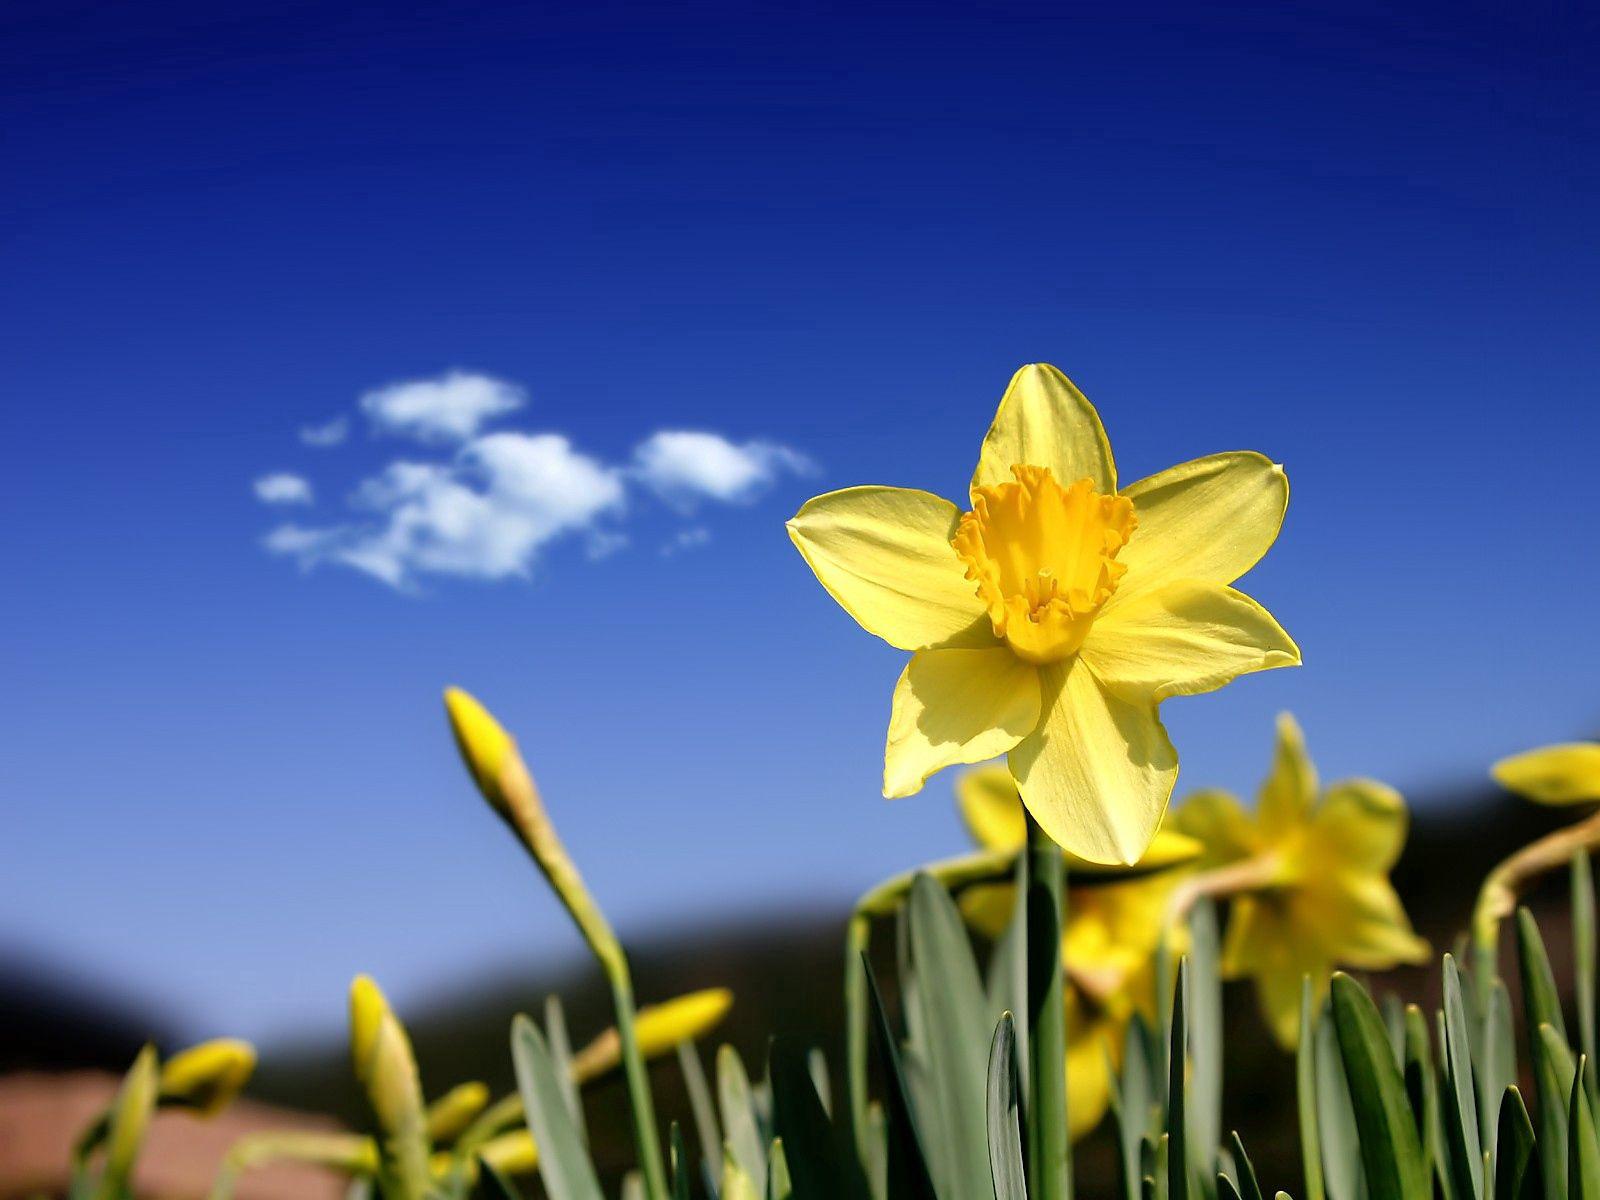 80116 Заставки и Обои Нарциссы на телефон. Скачать Цветы, Небо, Нарциссы, Бутоны, Весна, Облако картинки бесплатно